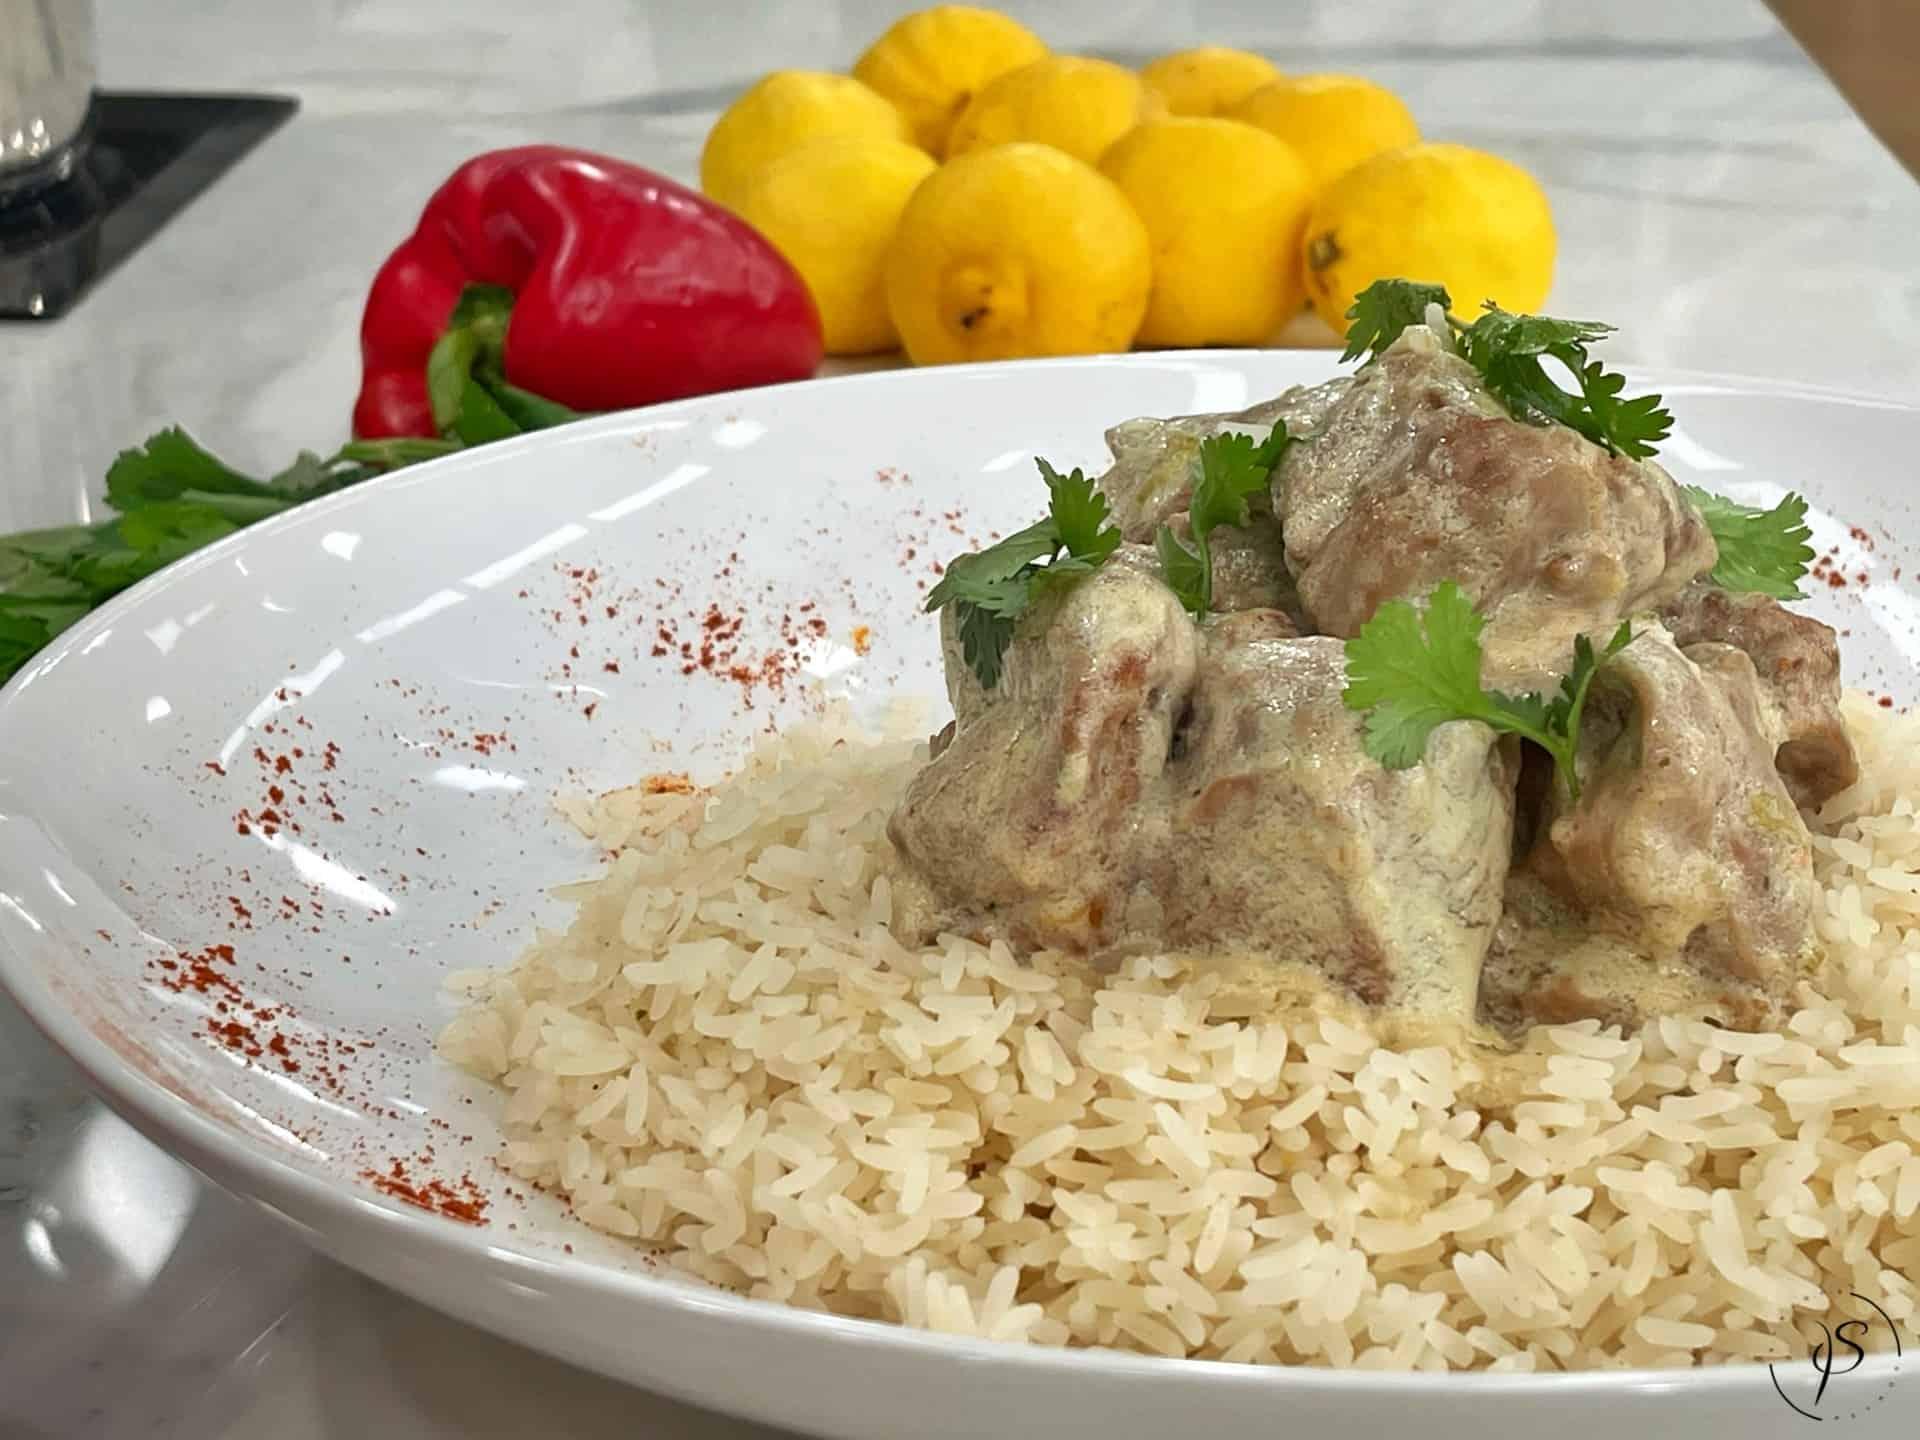 Καλοκαιρινό χοιρινό κατσαρόλας με γιαούρτι, μουστάρδα και λεμόνι